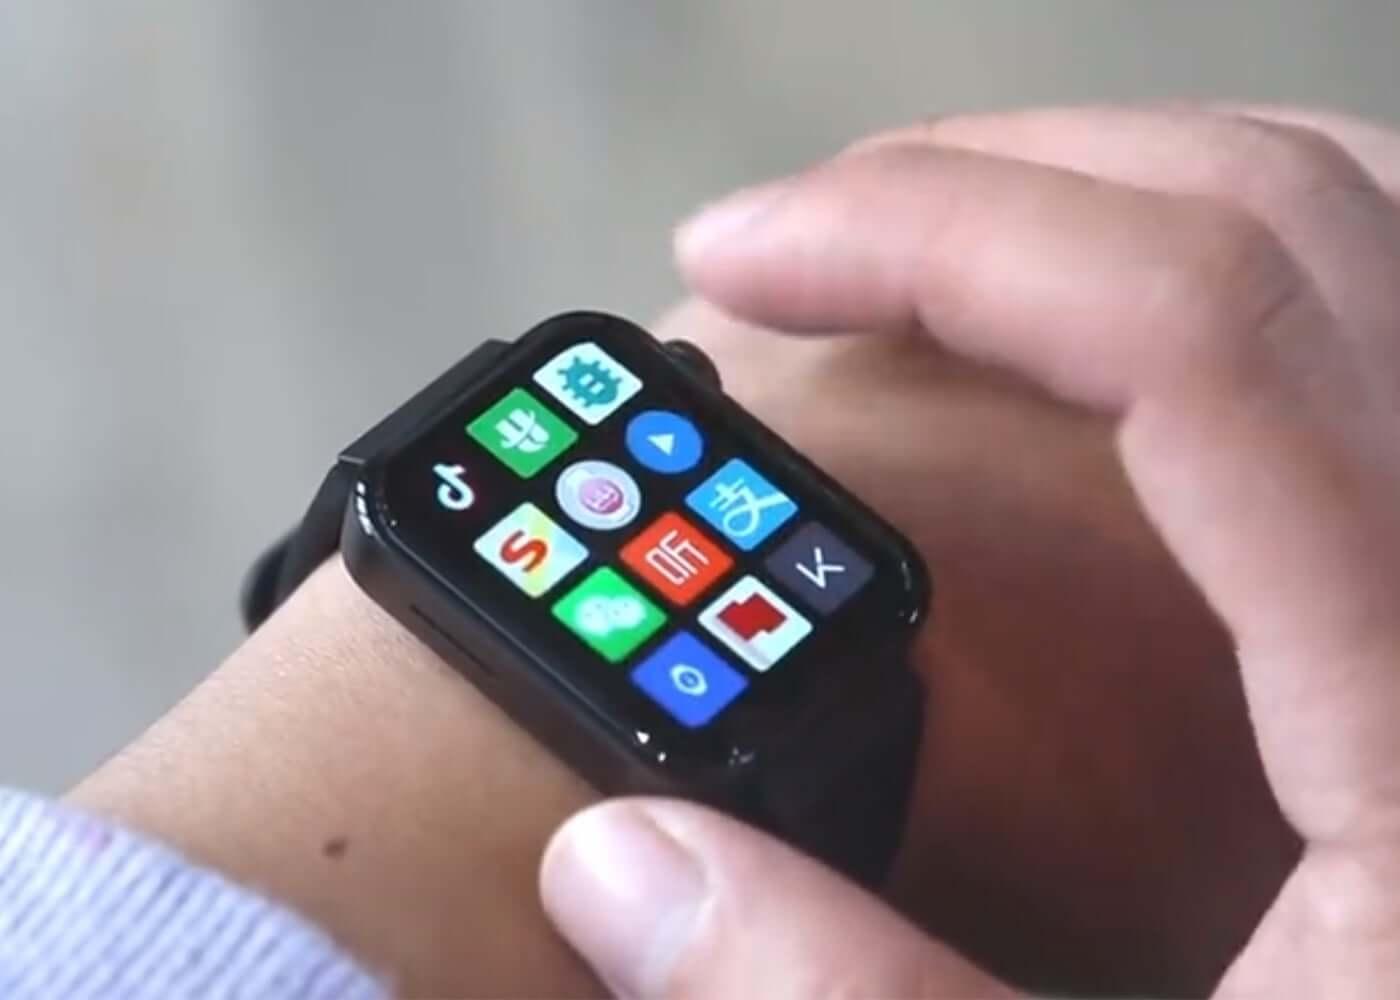 شاومي تشوق لساعتها الذكية الجديدة Xiaomi Mi Watch بواجهة مستخدم MIUI